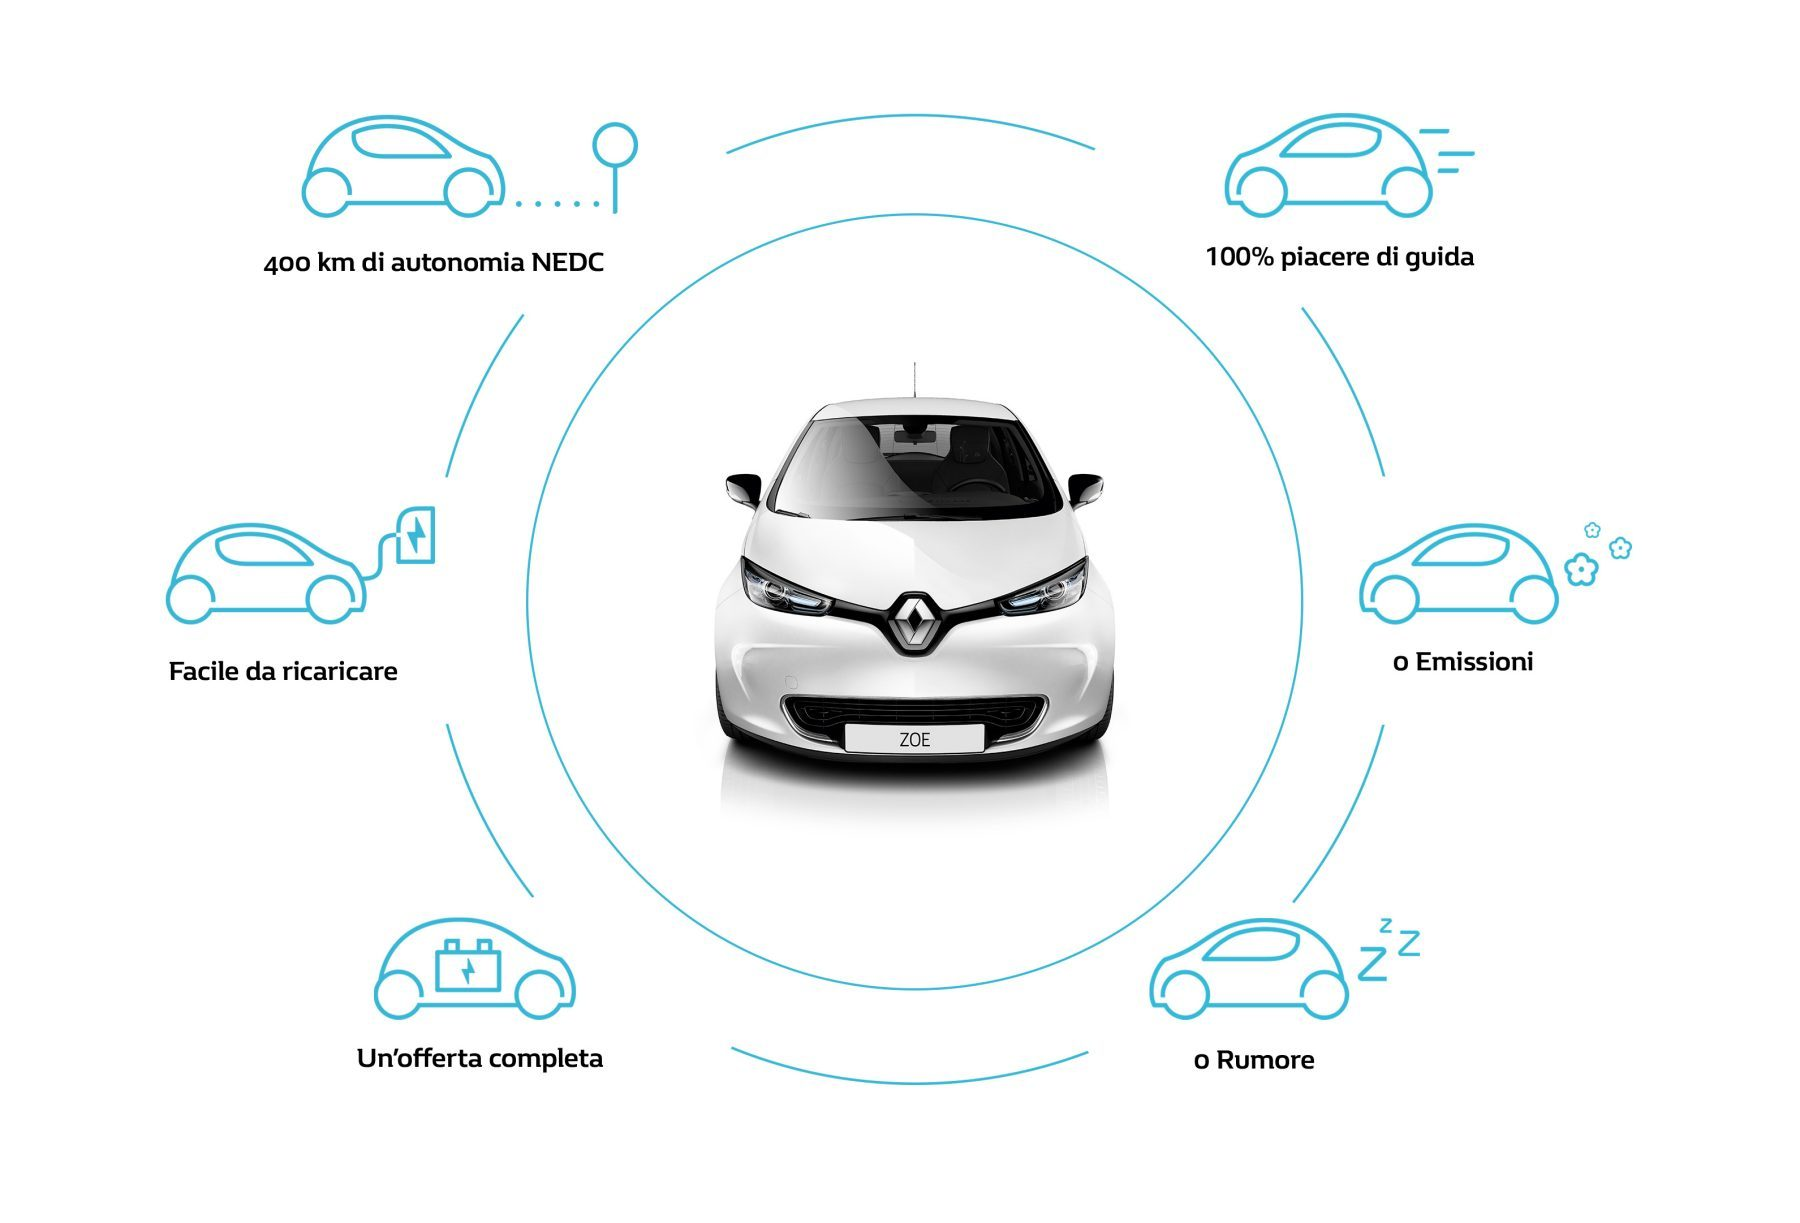 gruppo acquisto Renault Zoe - motivi per scegliere la Zoe